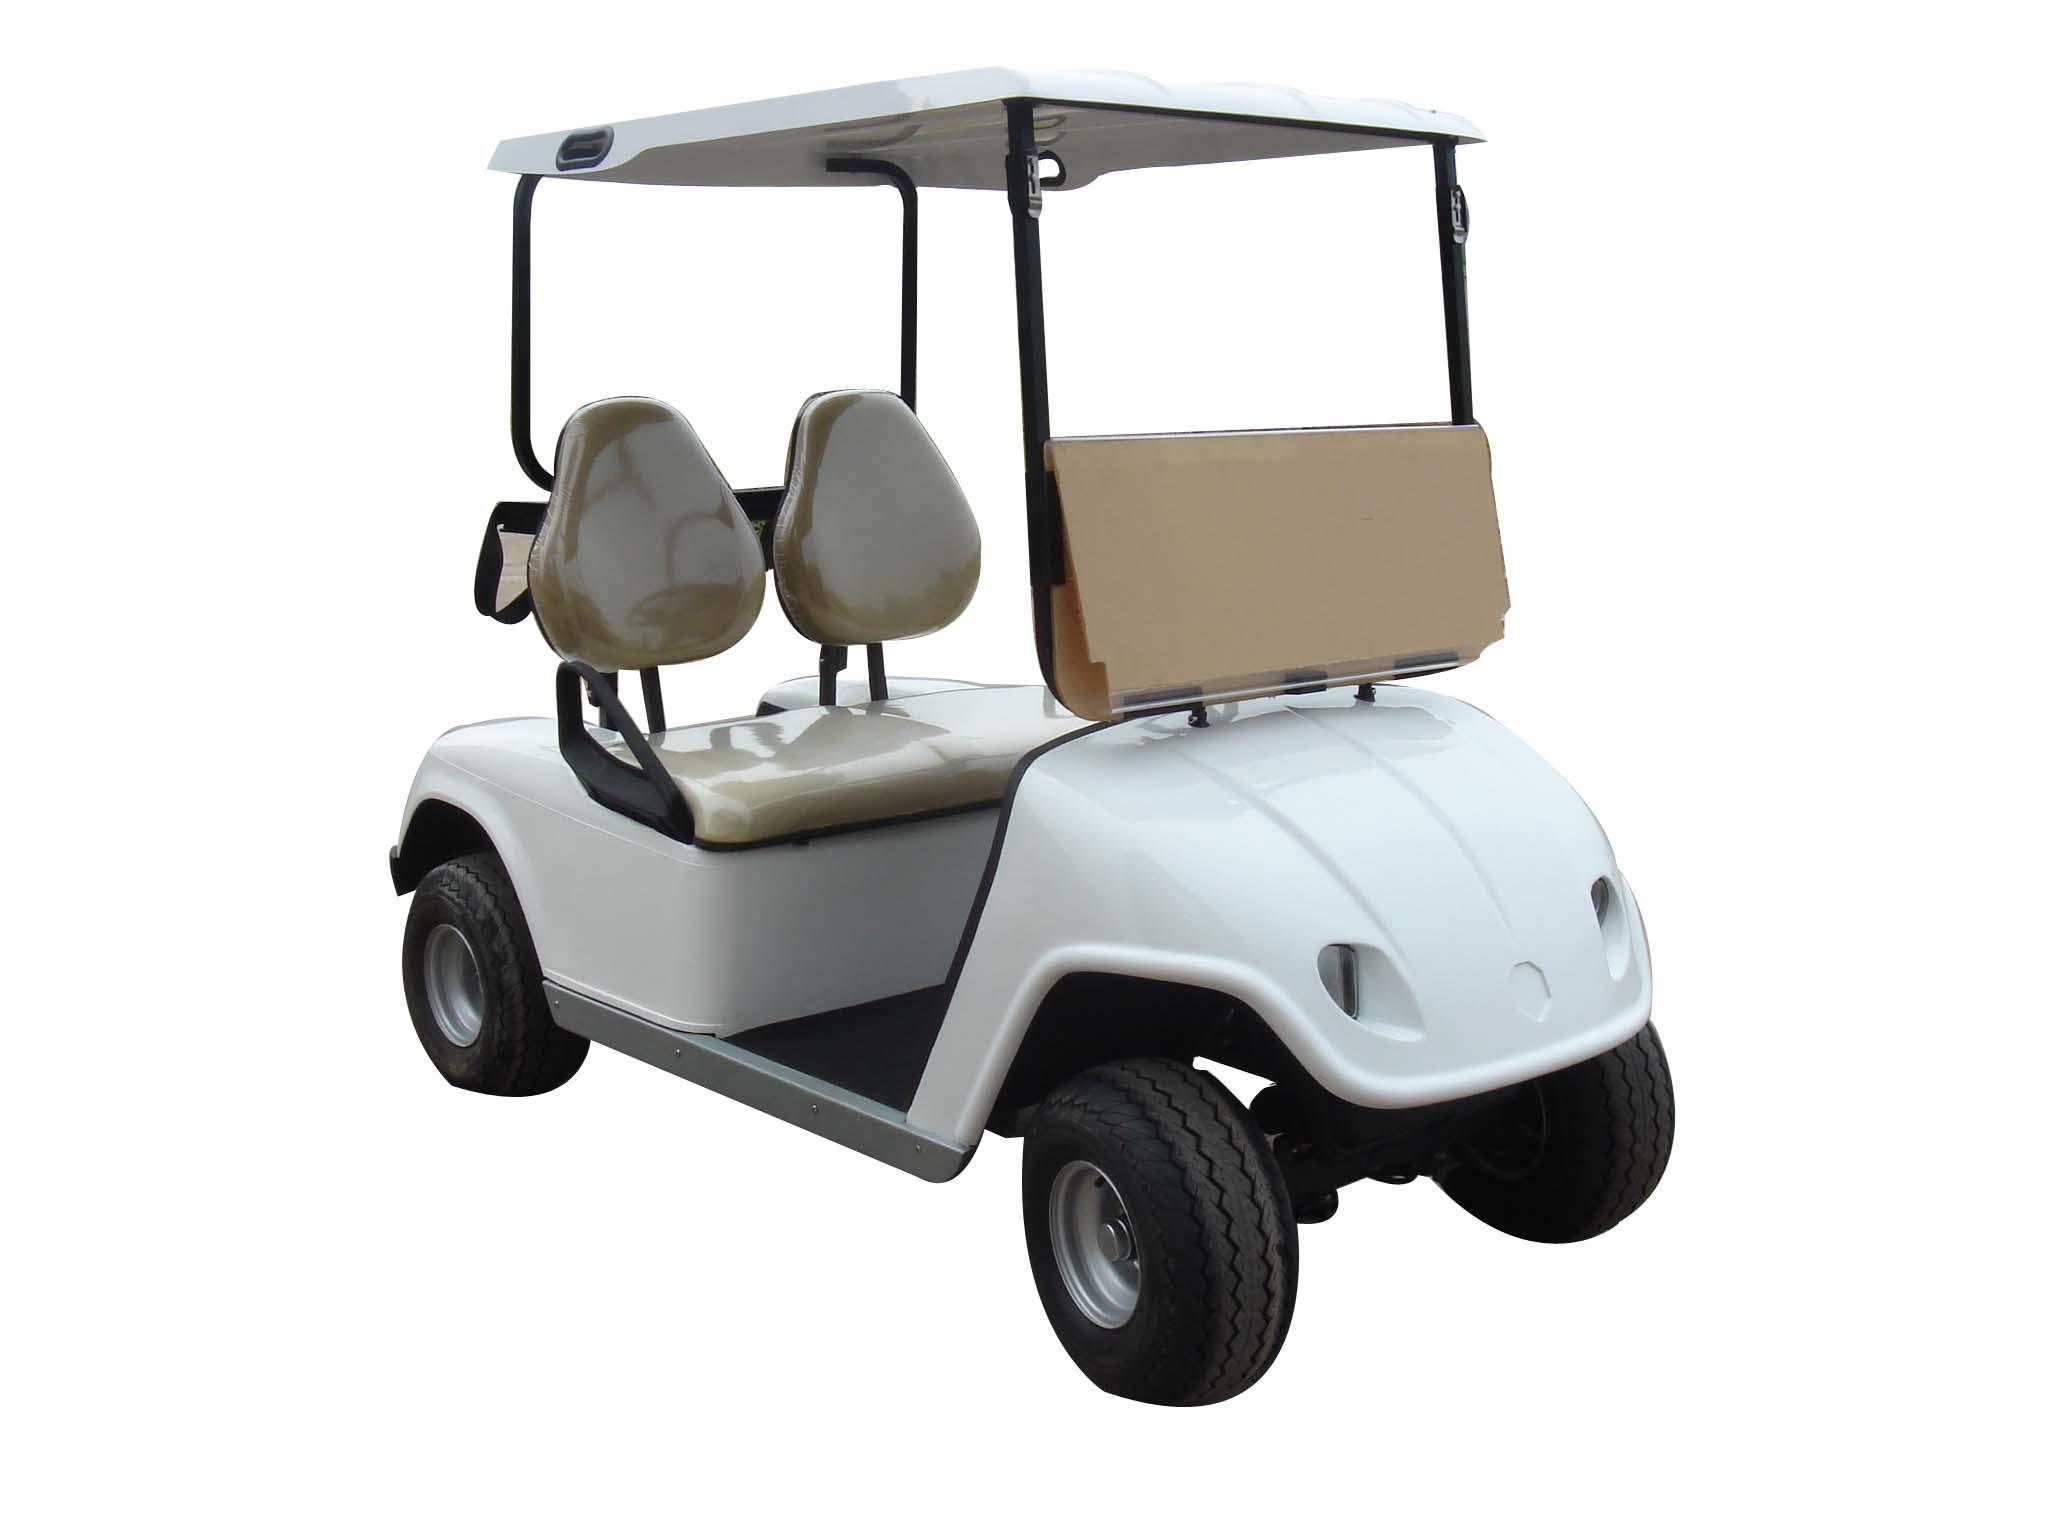 New Golf Buggy Carts Car Es418gsw 2010 Club Precedent Wiring Diagram